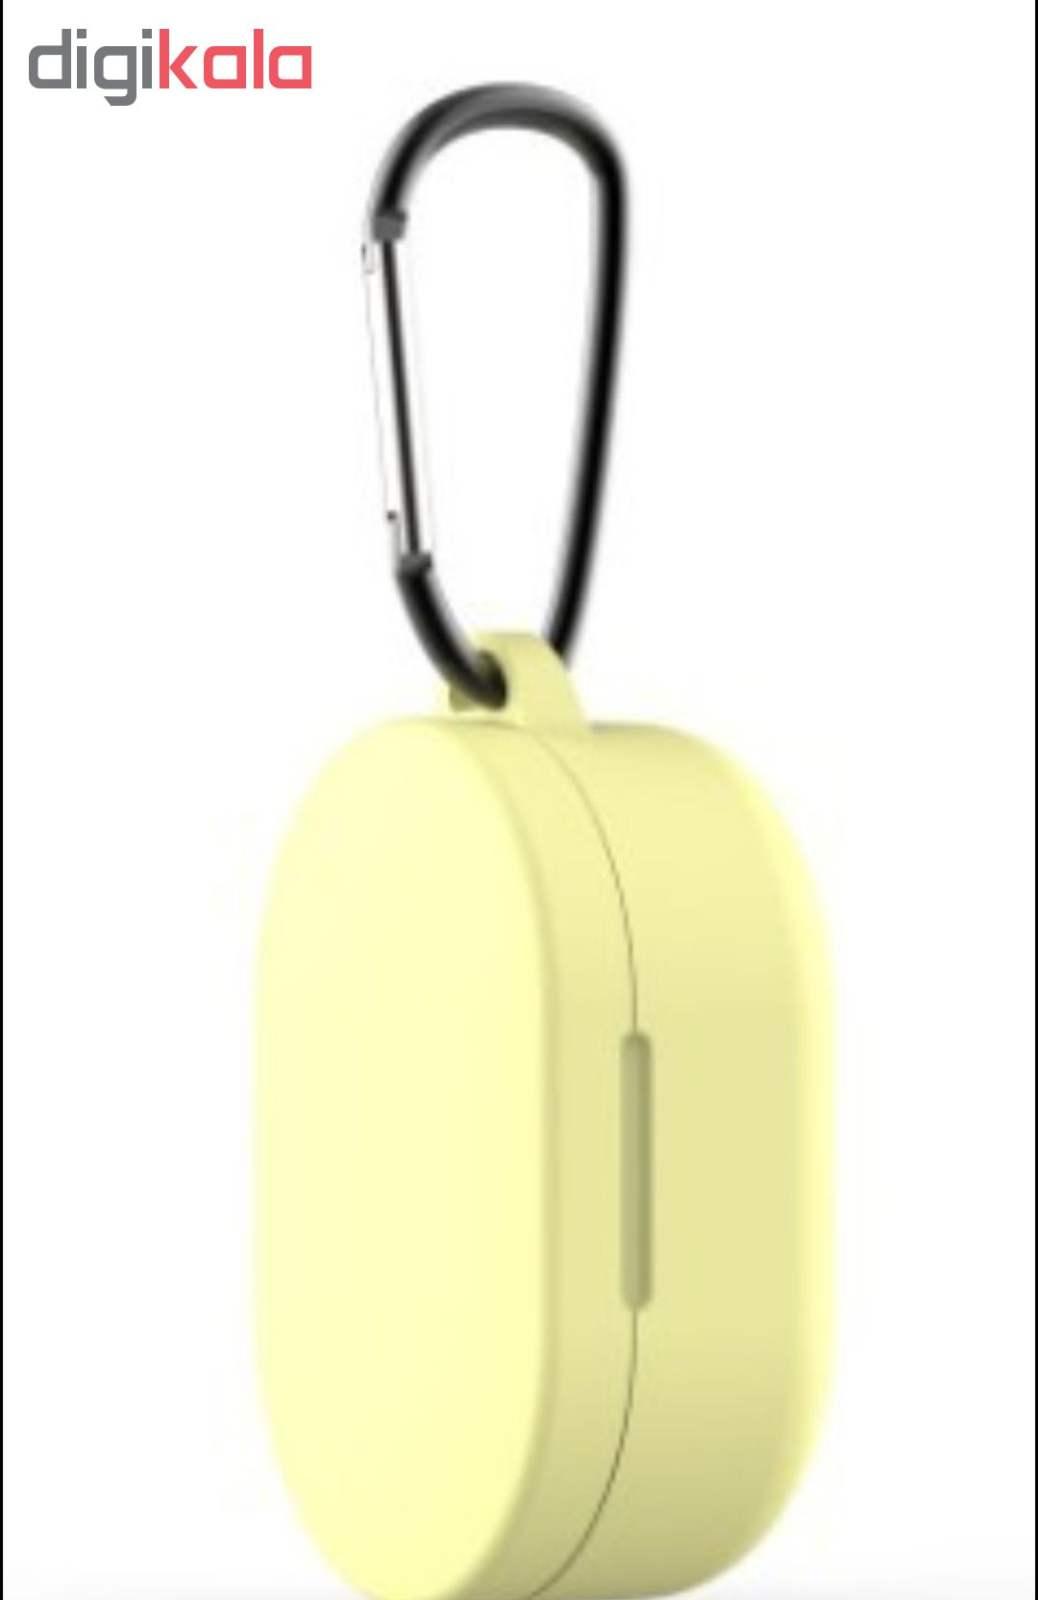 کاور رینیکا  کد ho1 مناسب برای کیس شیائومی redmi airdots/earbuds basic main 1 3